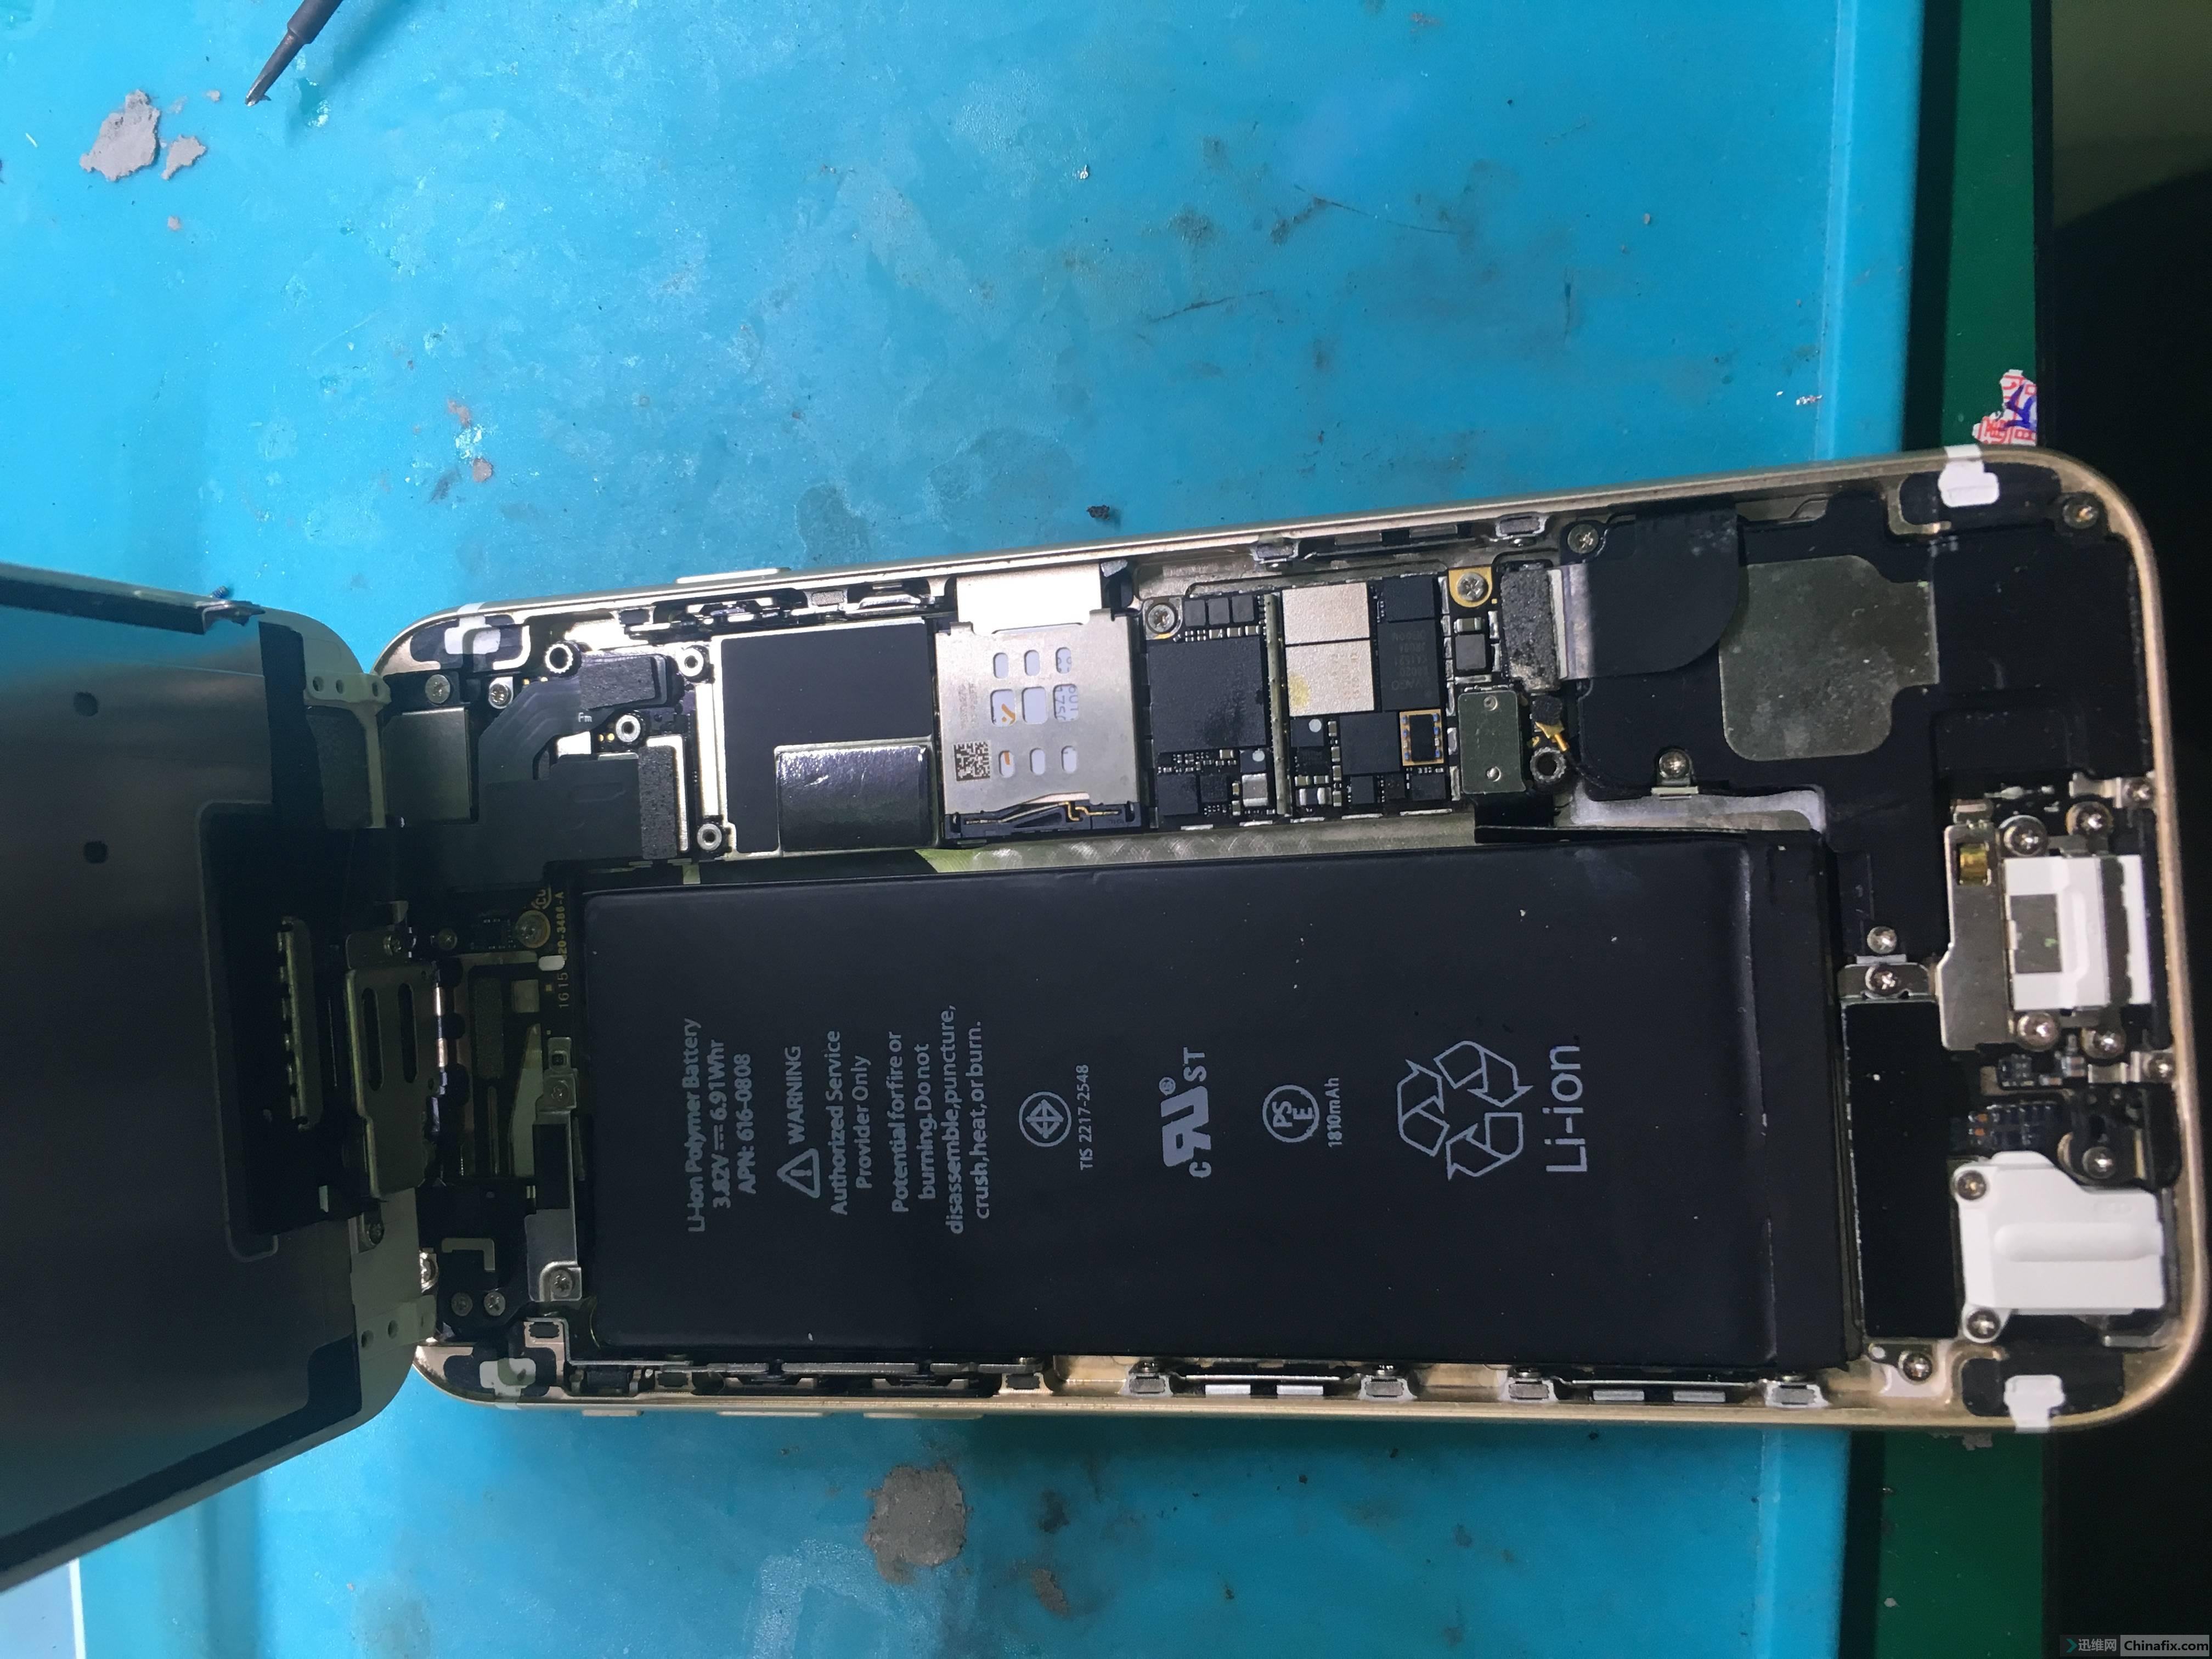 拆机发现是二修机,好吧既然接了就干吧把主板拆下来在显微镜下观察都动过哪里发现还好只动过基带,既然动过 ...